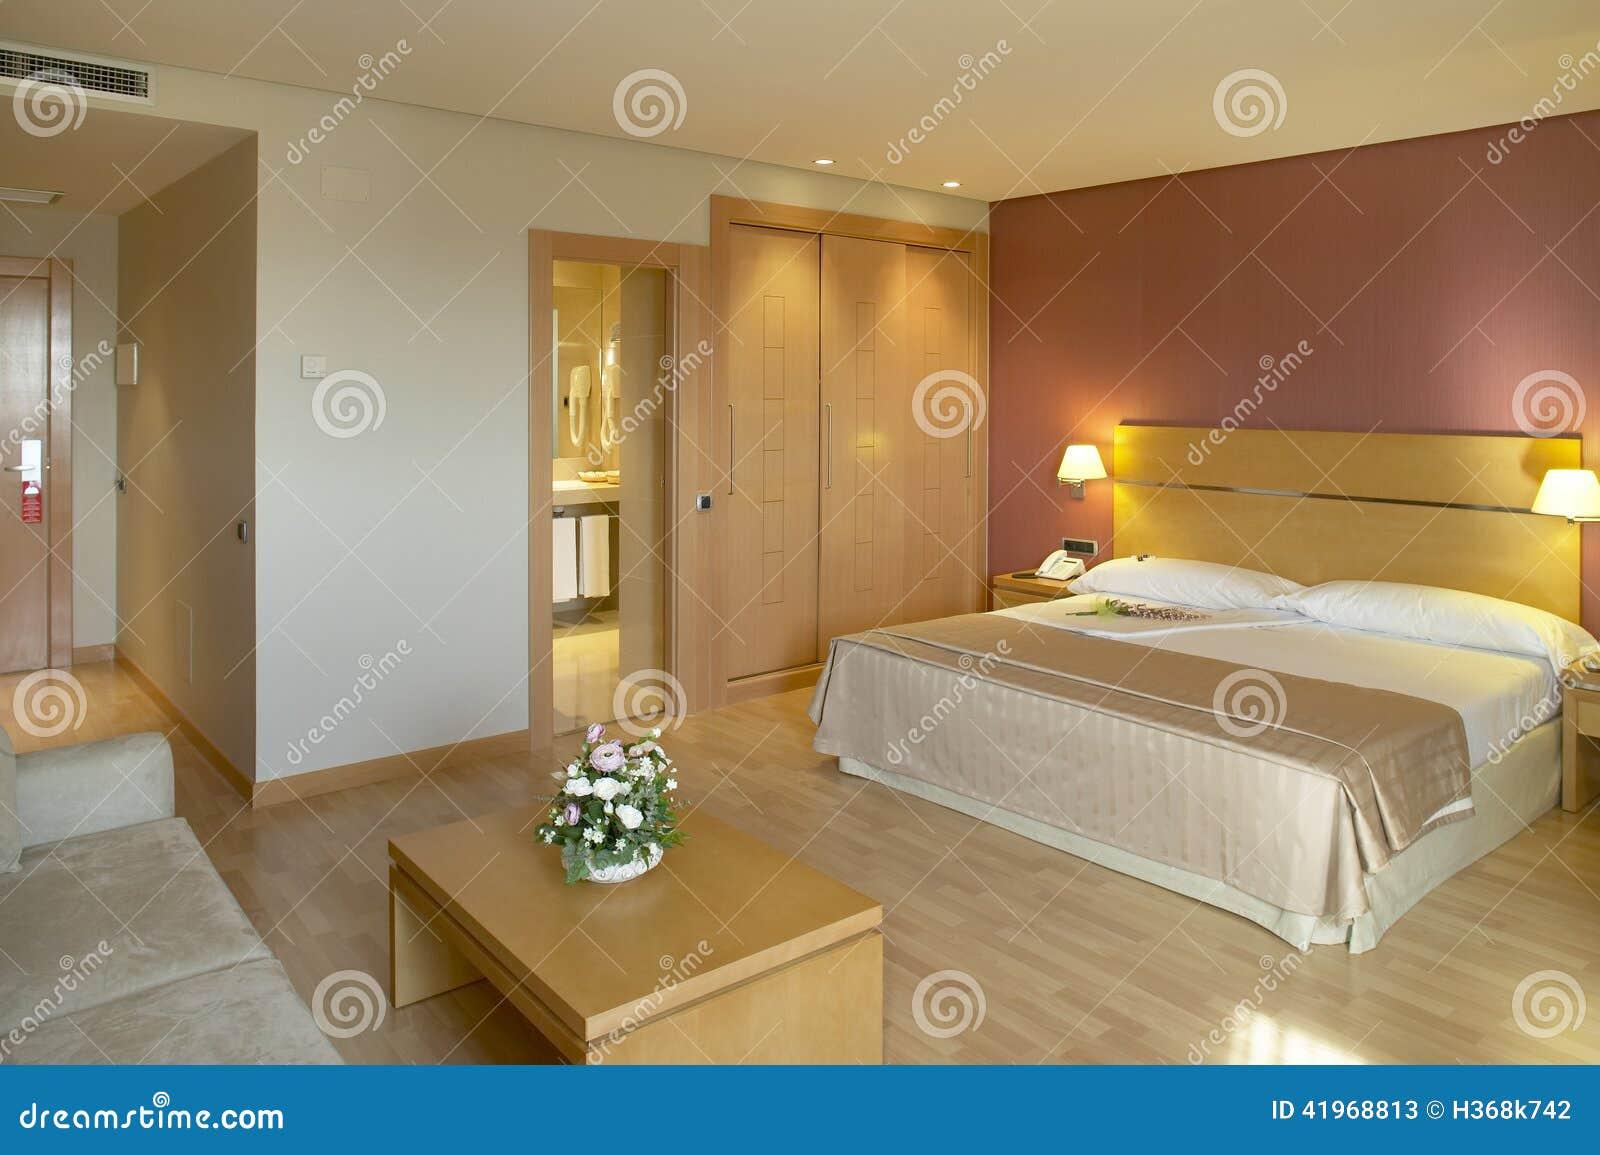 Camera di albergo con il letto ed il bagno immagine stock - Camera con bagno ...